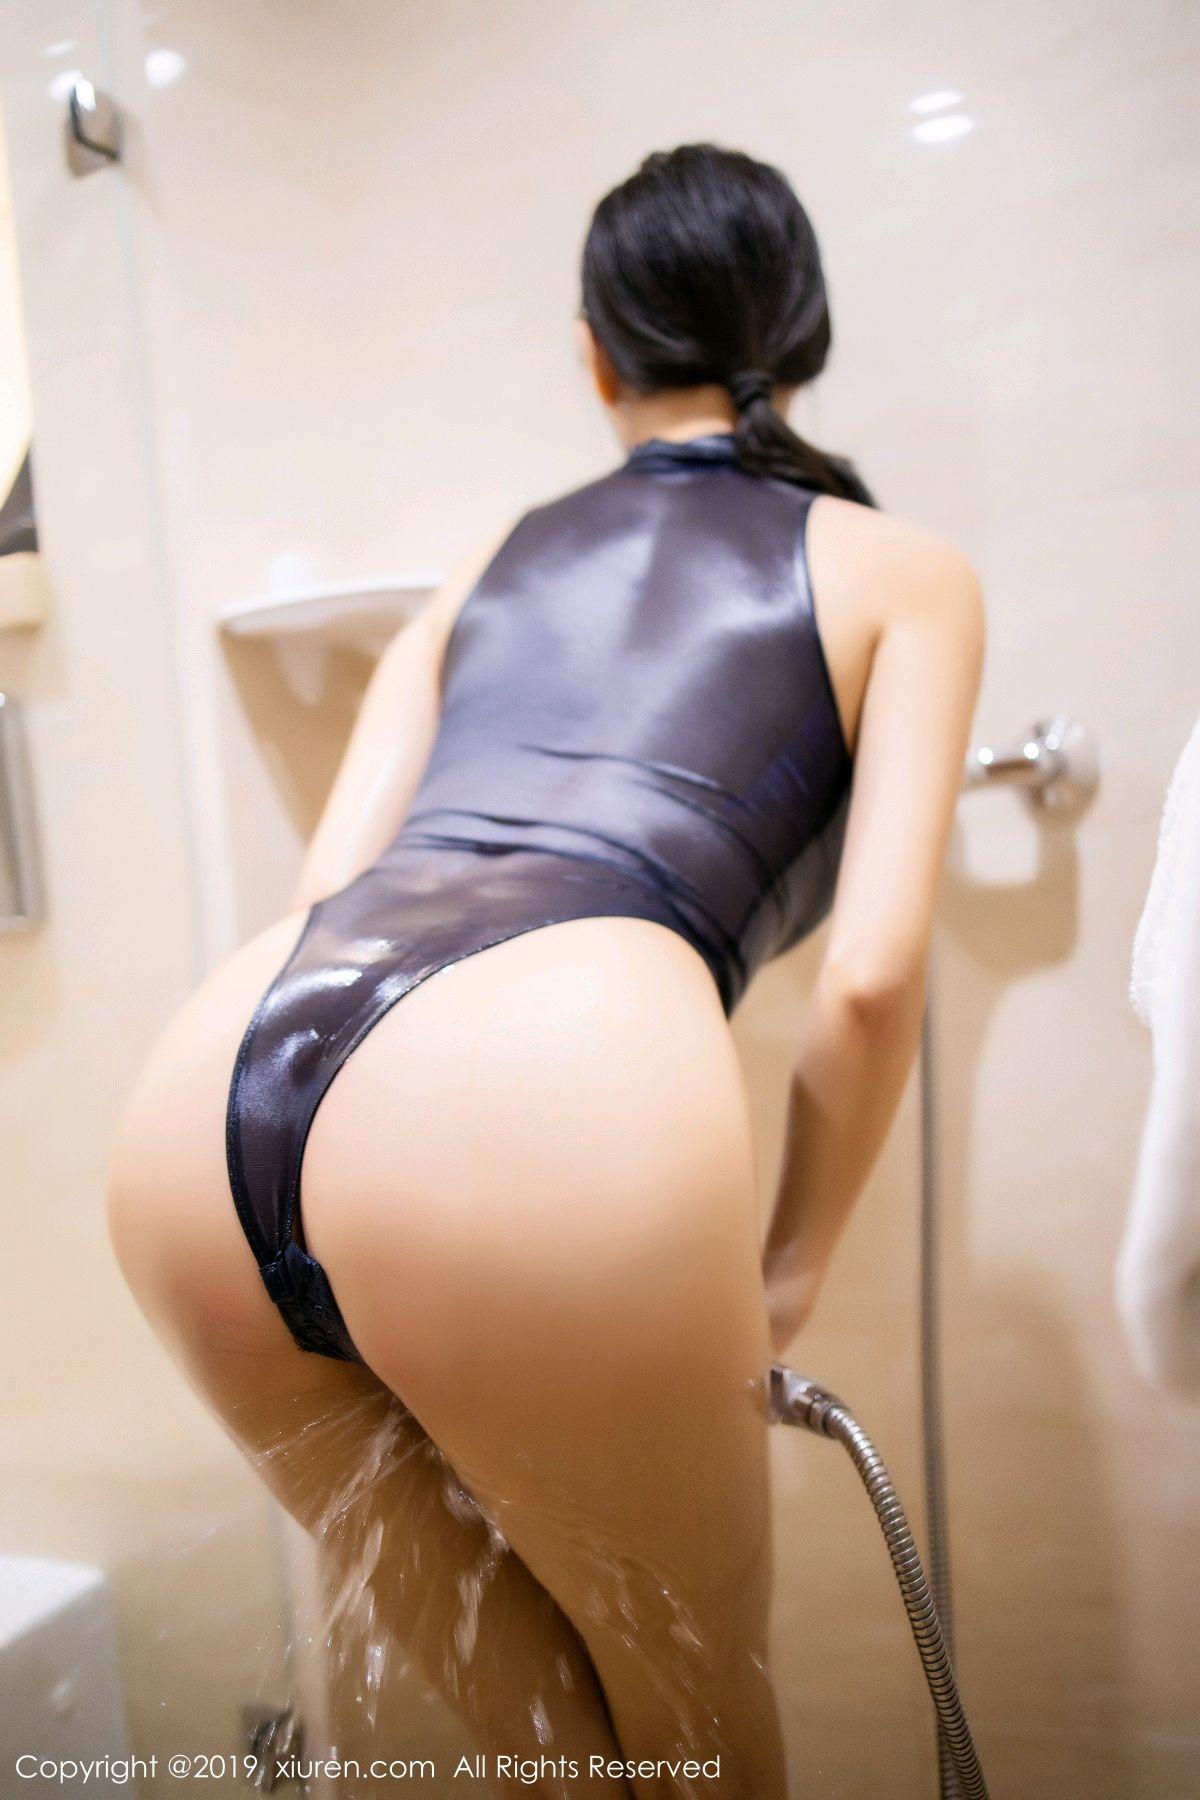 [XiuRen] Vol.1797 Yang Chen Chen 72P, Adult, Bathroom, Wet, Xiuren, Yang Chen Chen